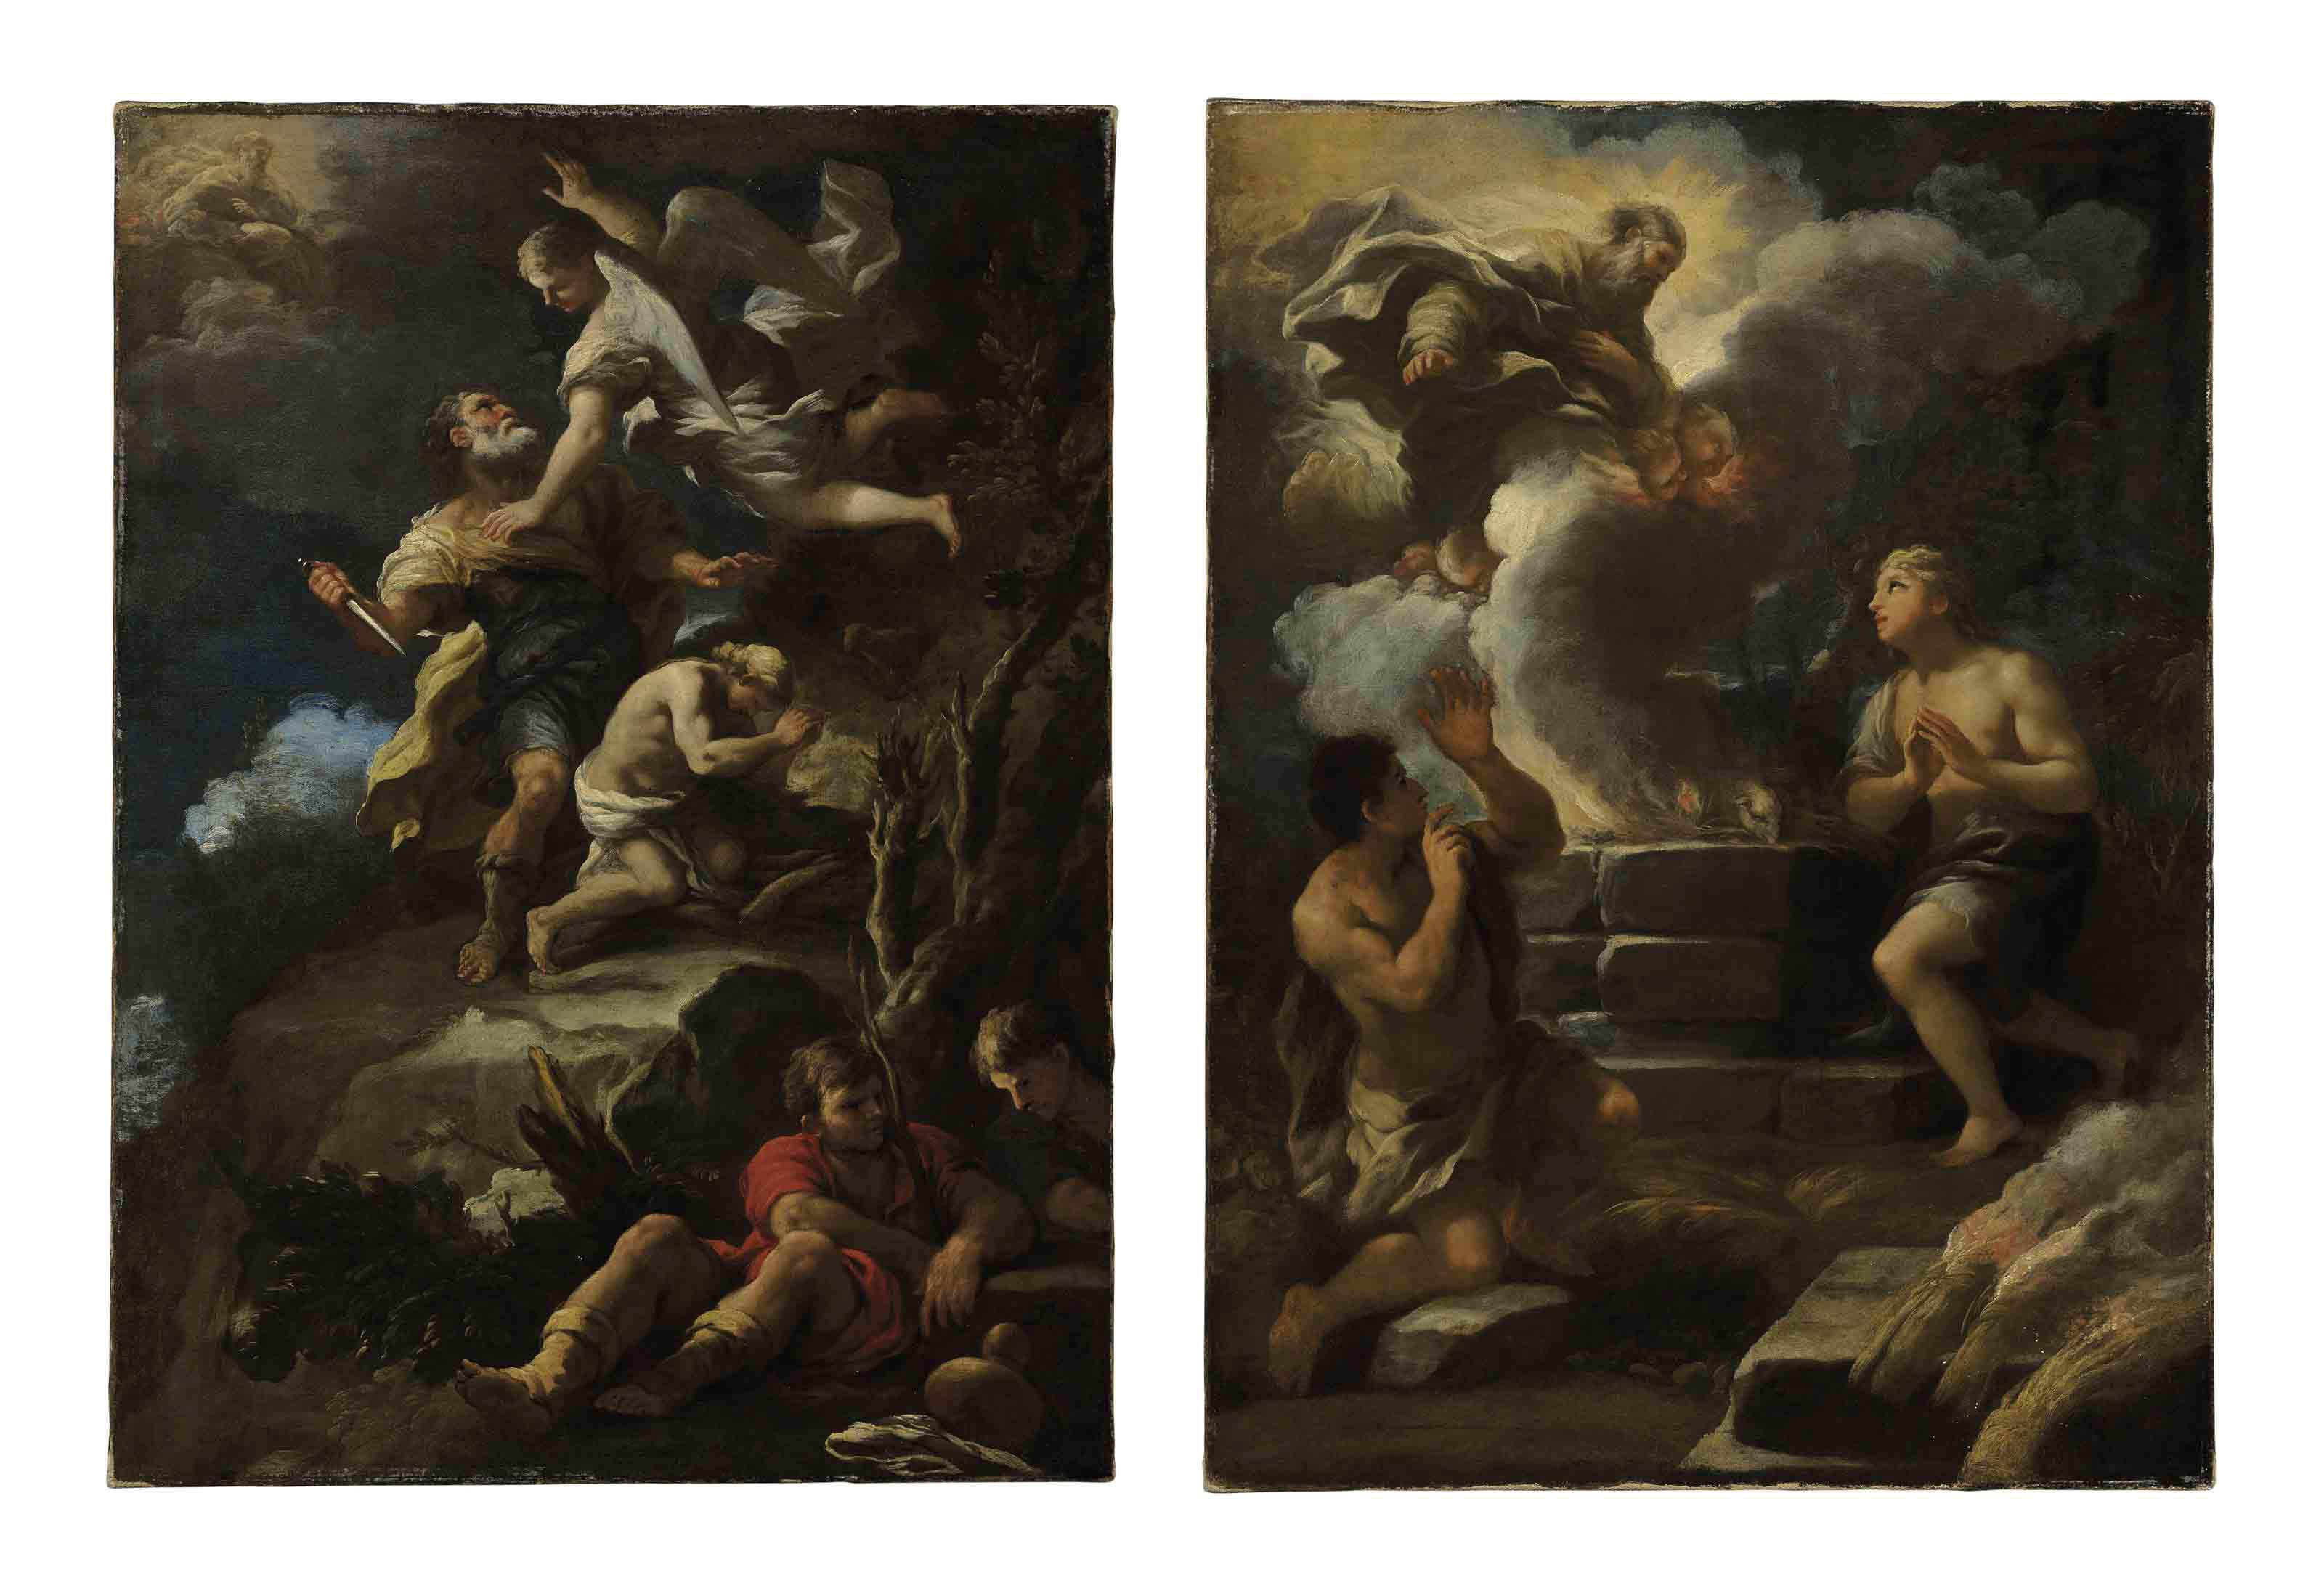 Luca Giordano, Fa Presto (Naples 1634-1705)